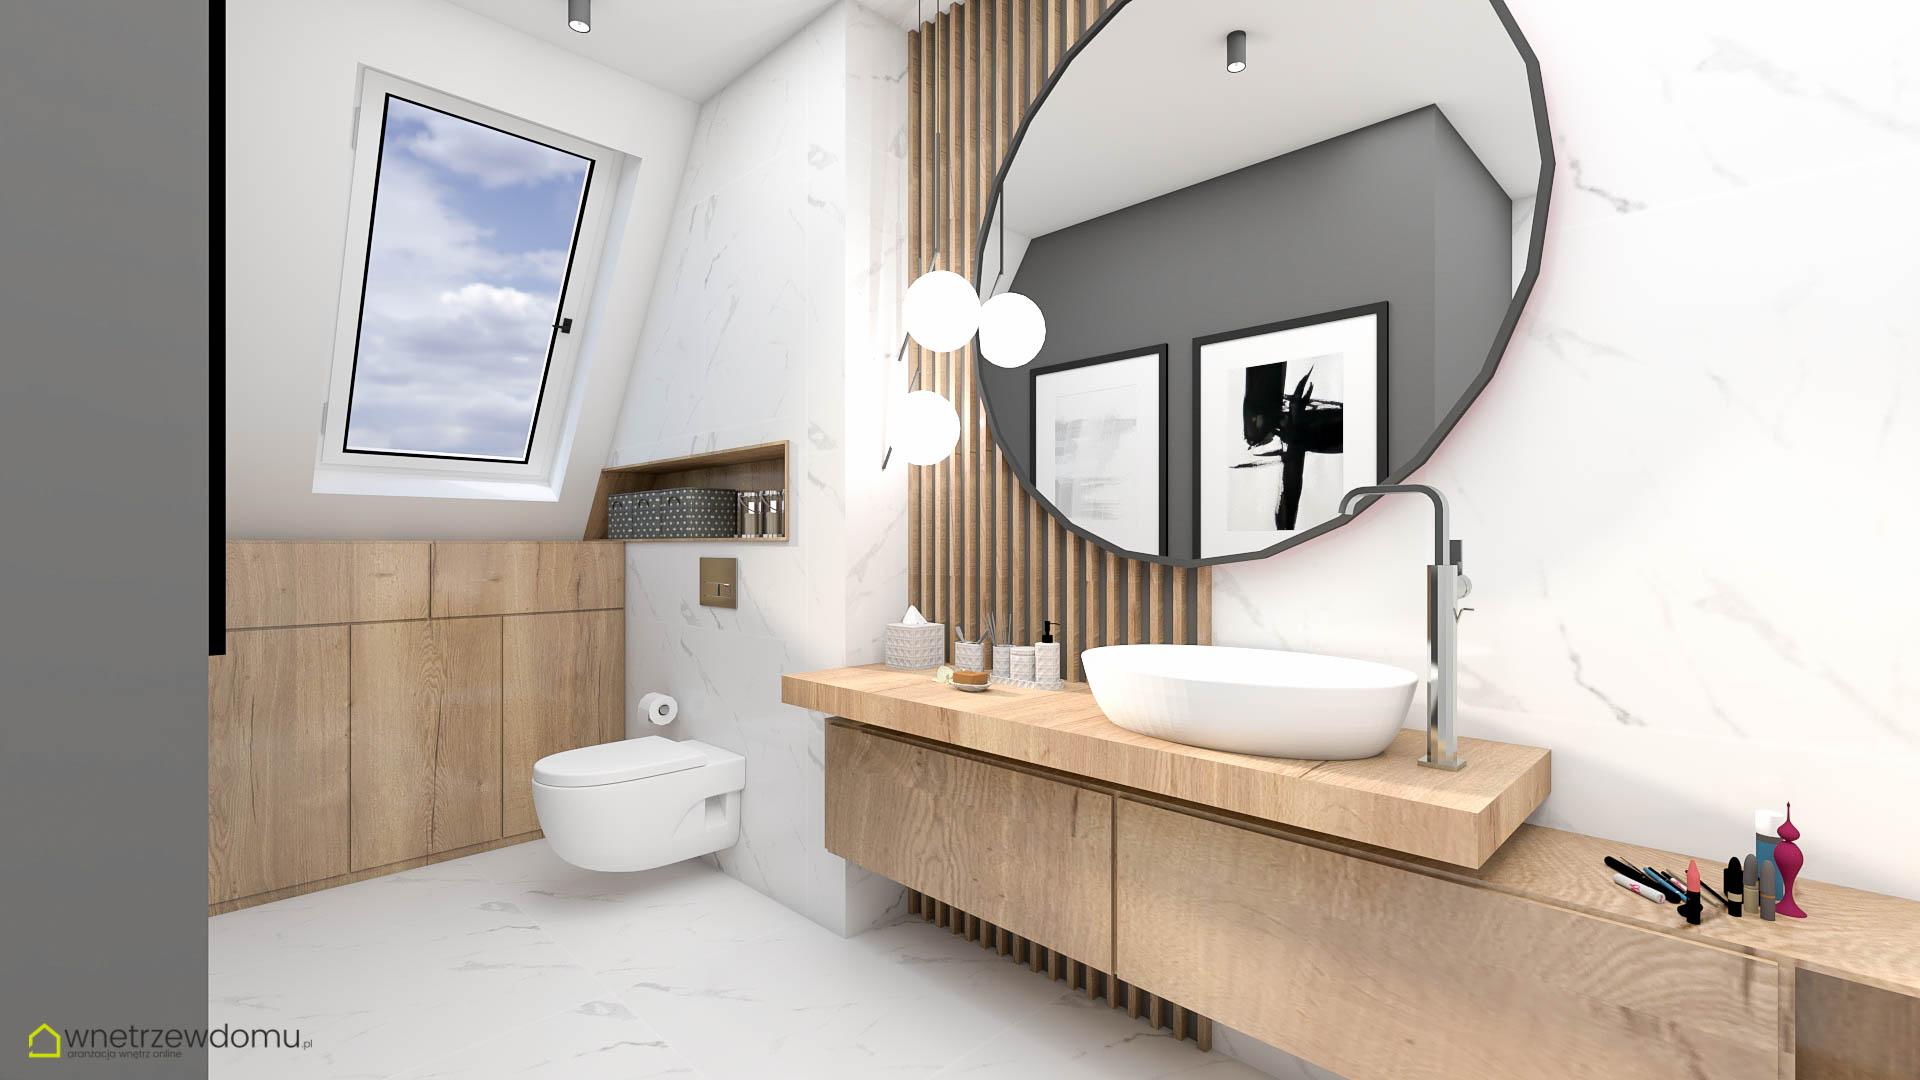 wiz-002 łazienka wnetrzewdomu